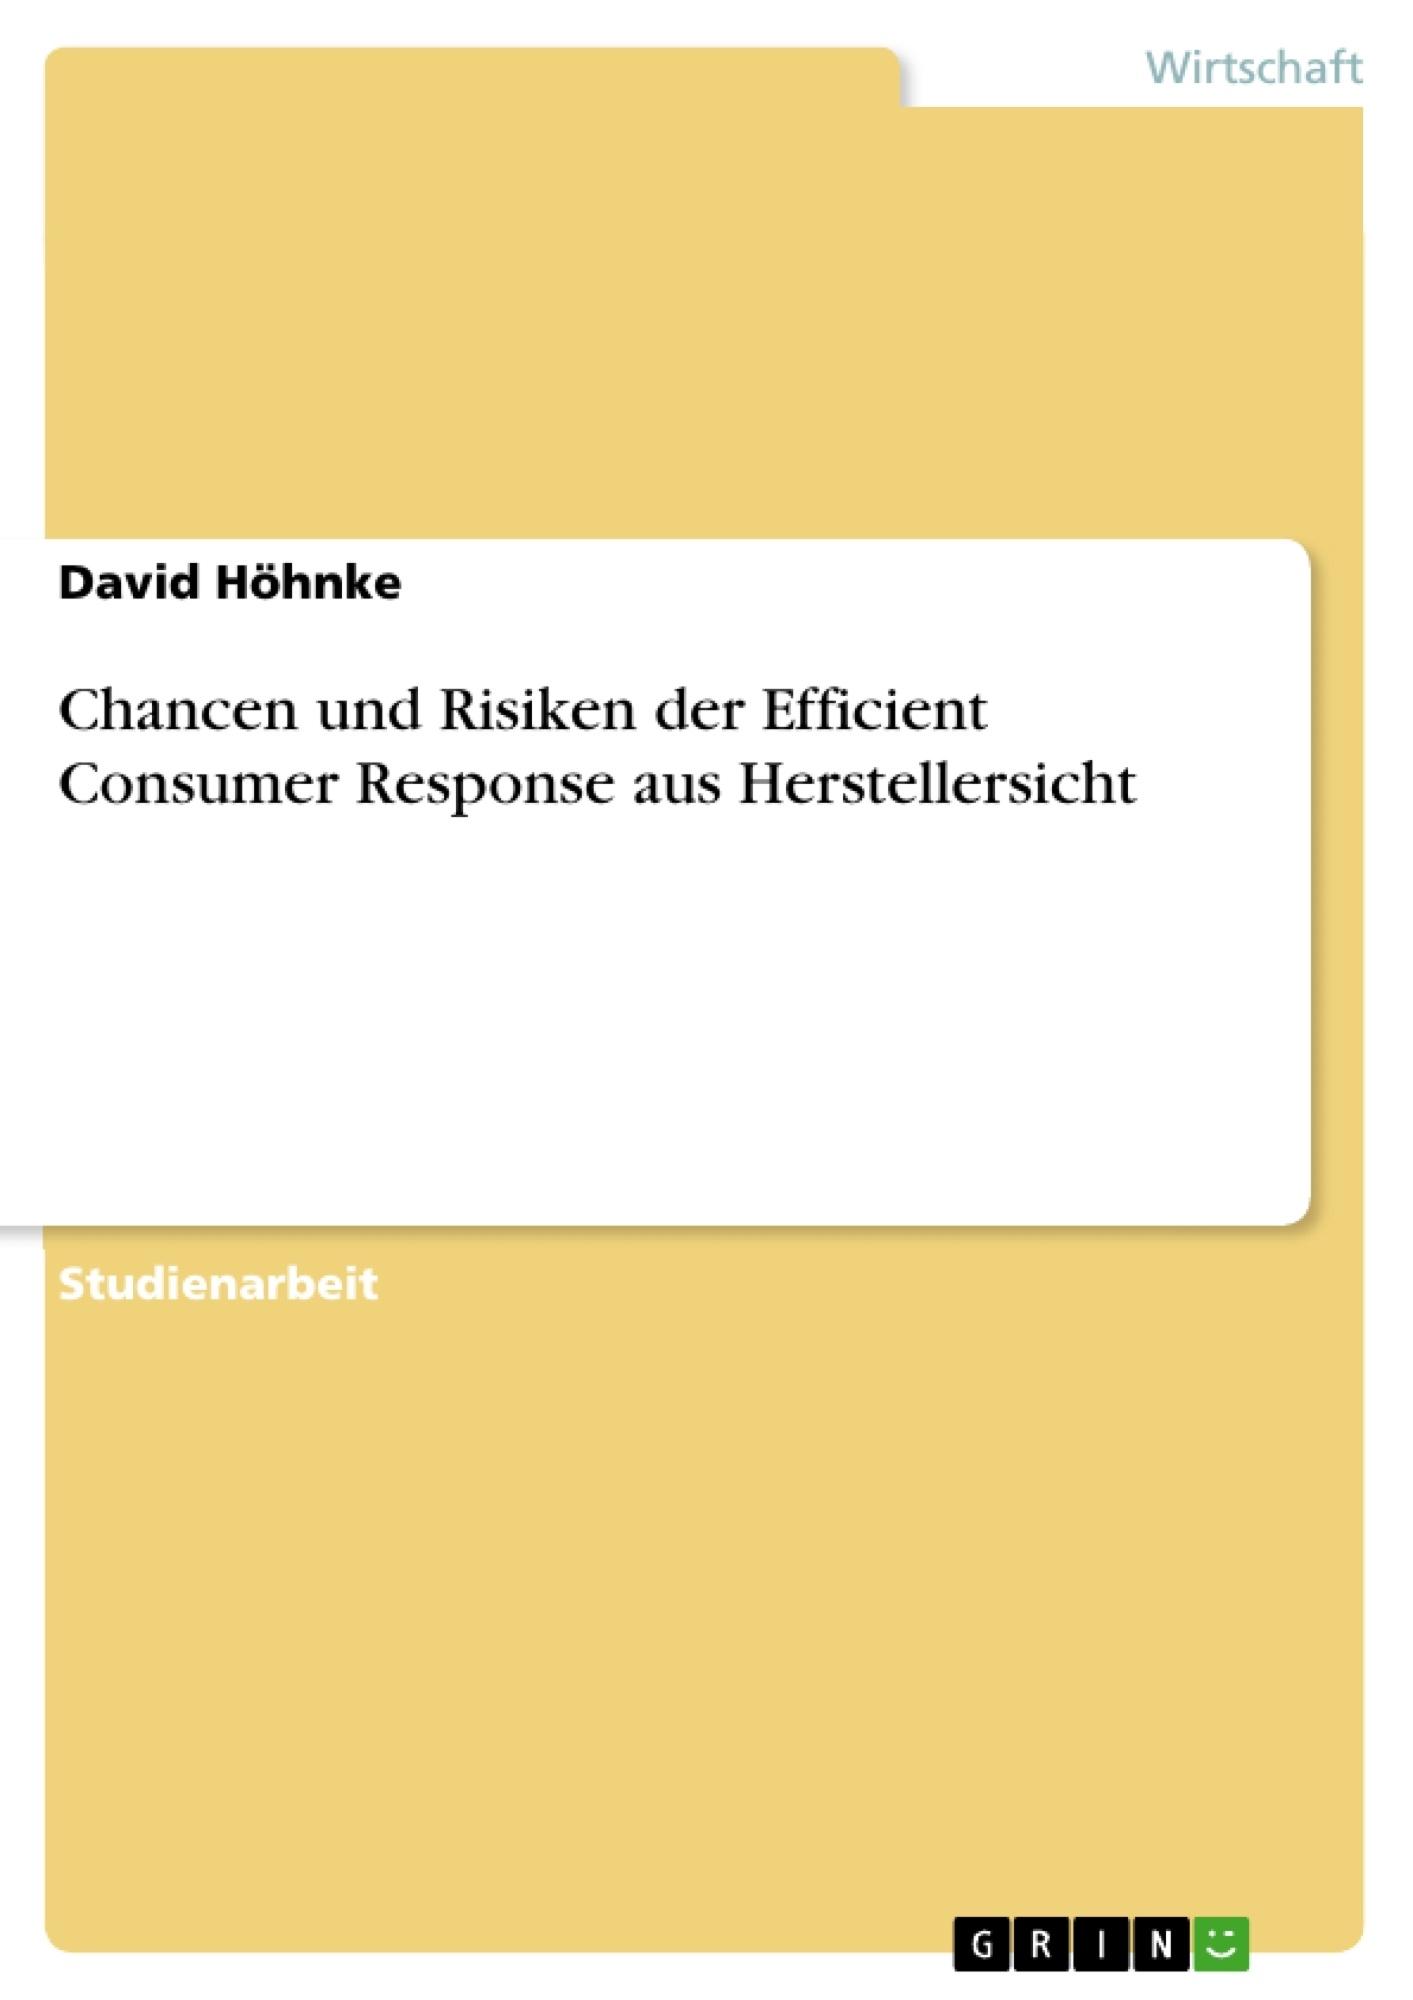 Titel: Chancen und Risiken der Efficient Consumer Response aus Herstellersicht